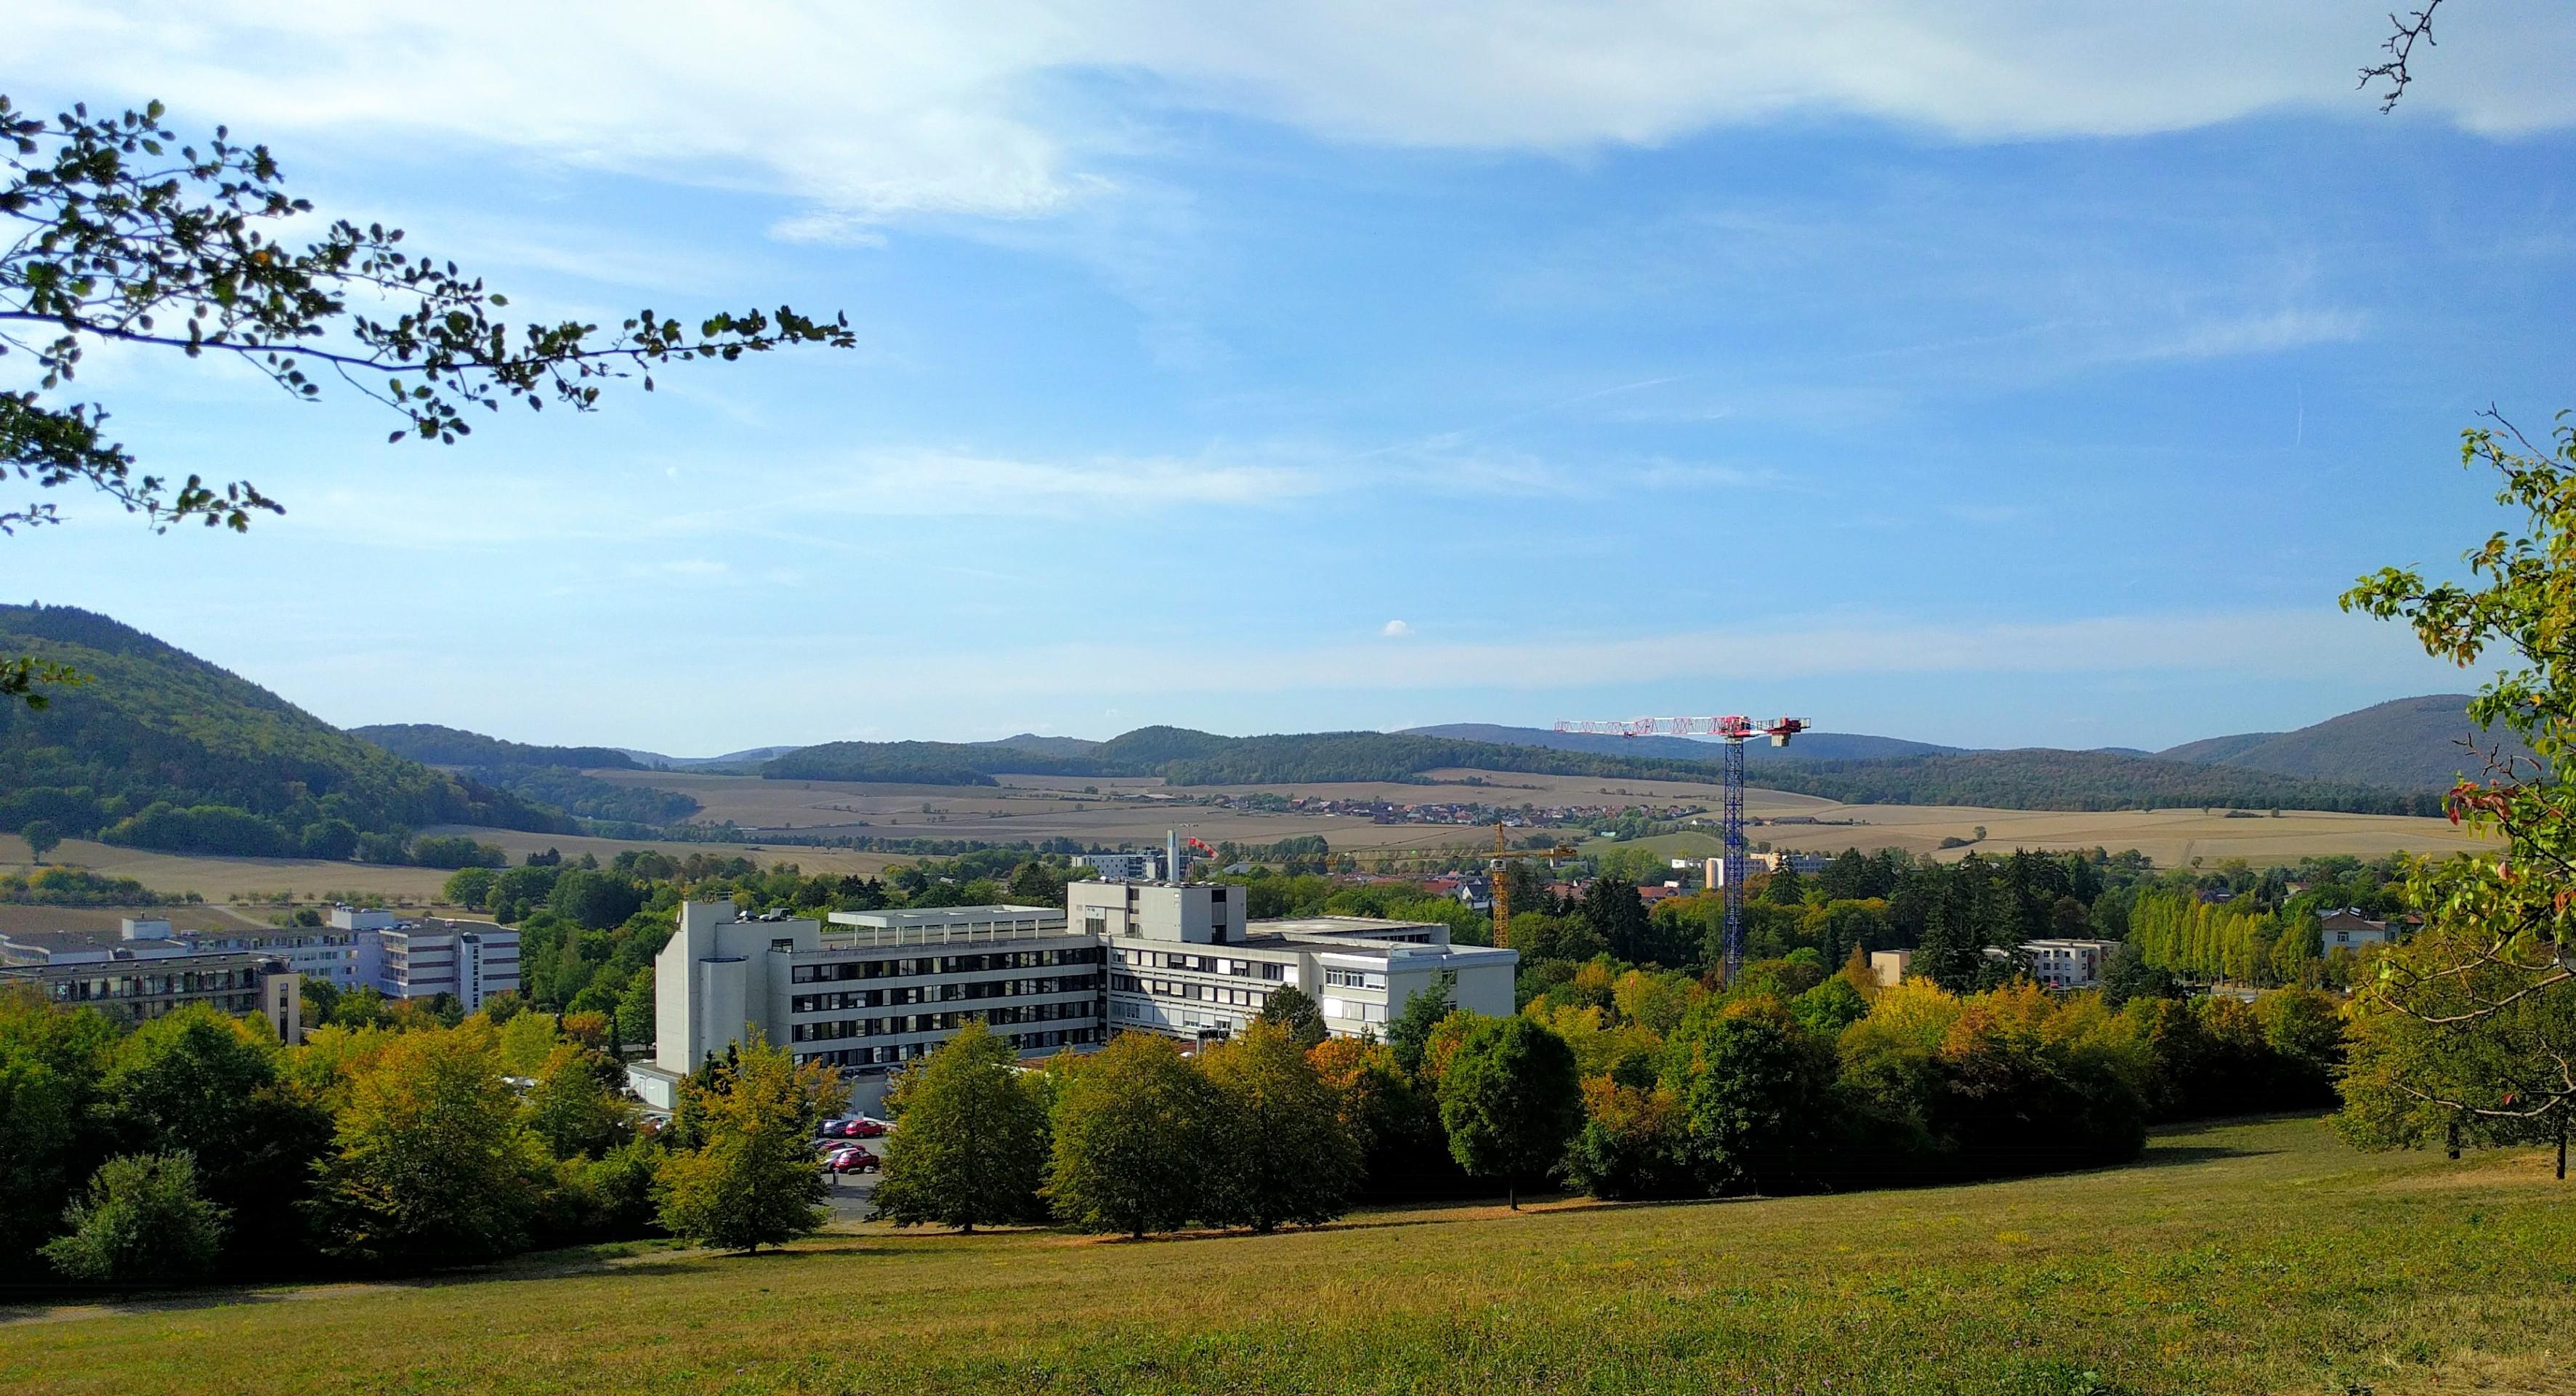 Werner-Wicker-Klinik, Deutsches Skoliose-Zentrum, Bad Wildungen-Reinhardshausen